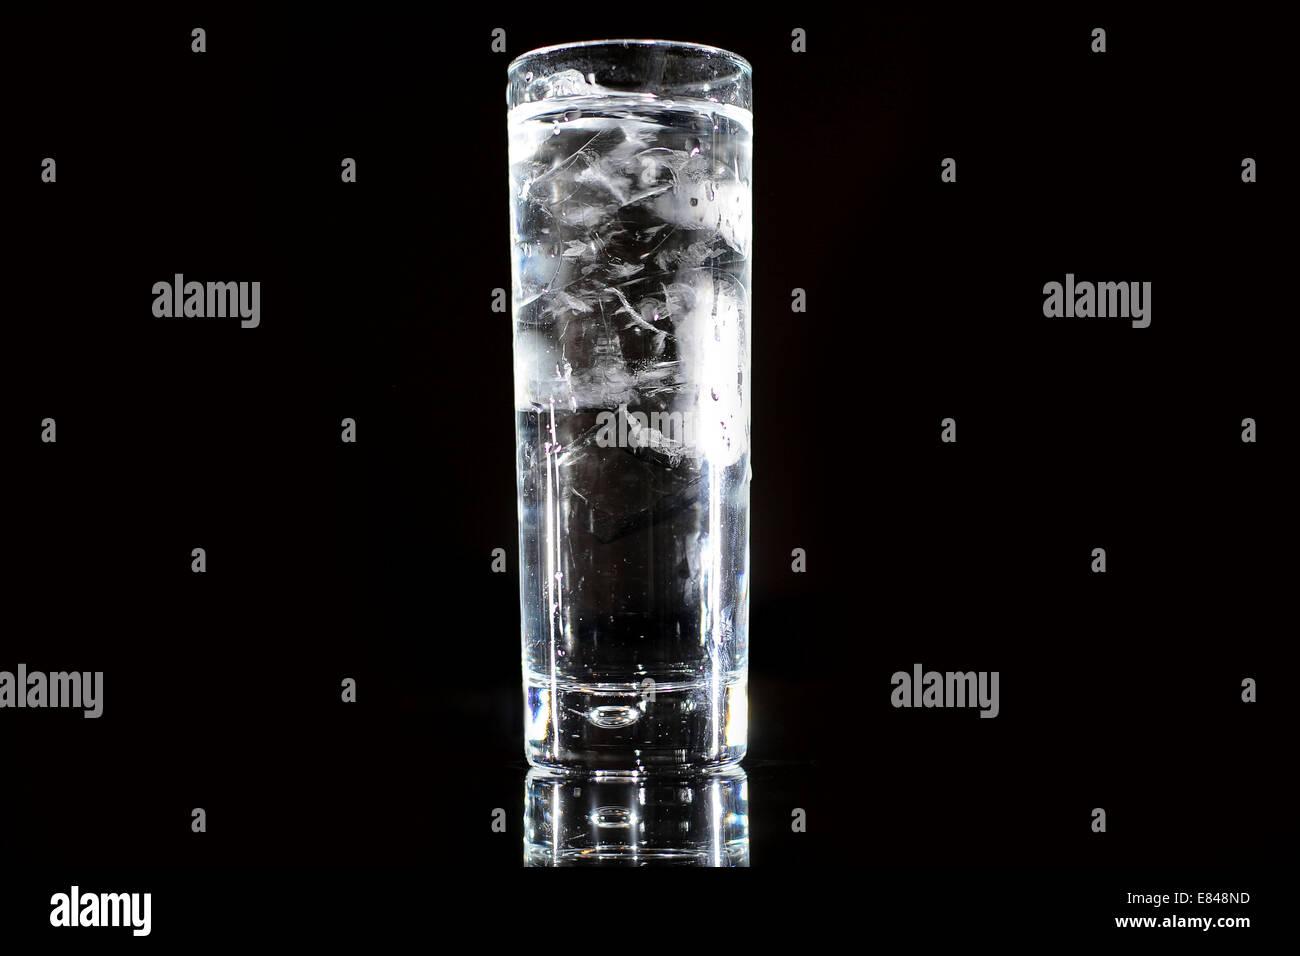 Un verre de l'eau potable claire à partir d'un robinet sur un fond noir. Banque D'Images